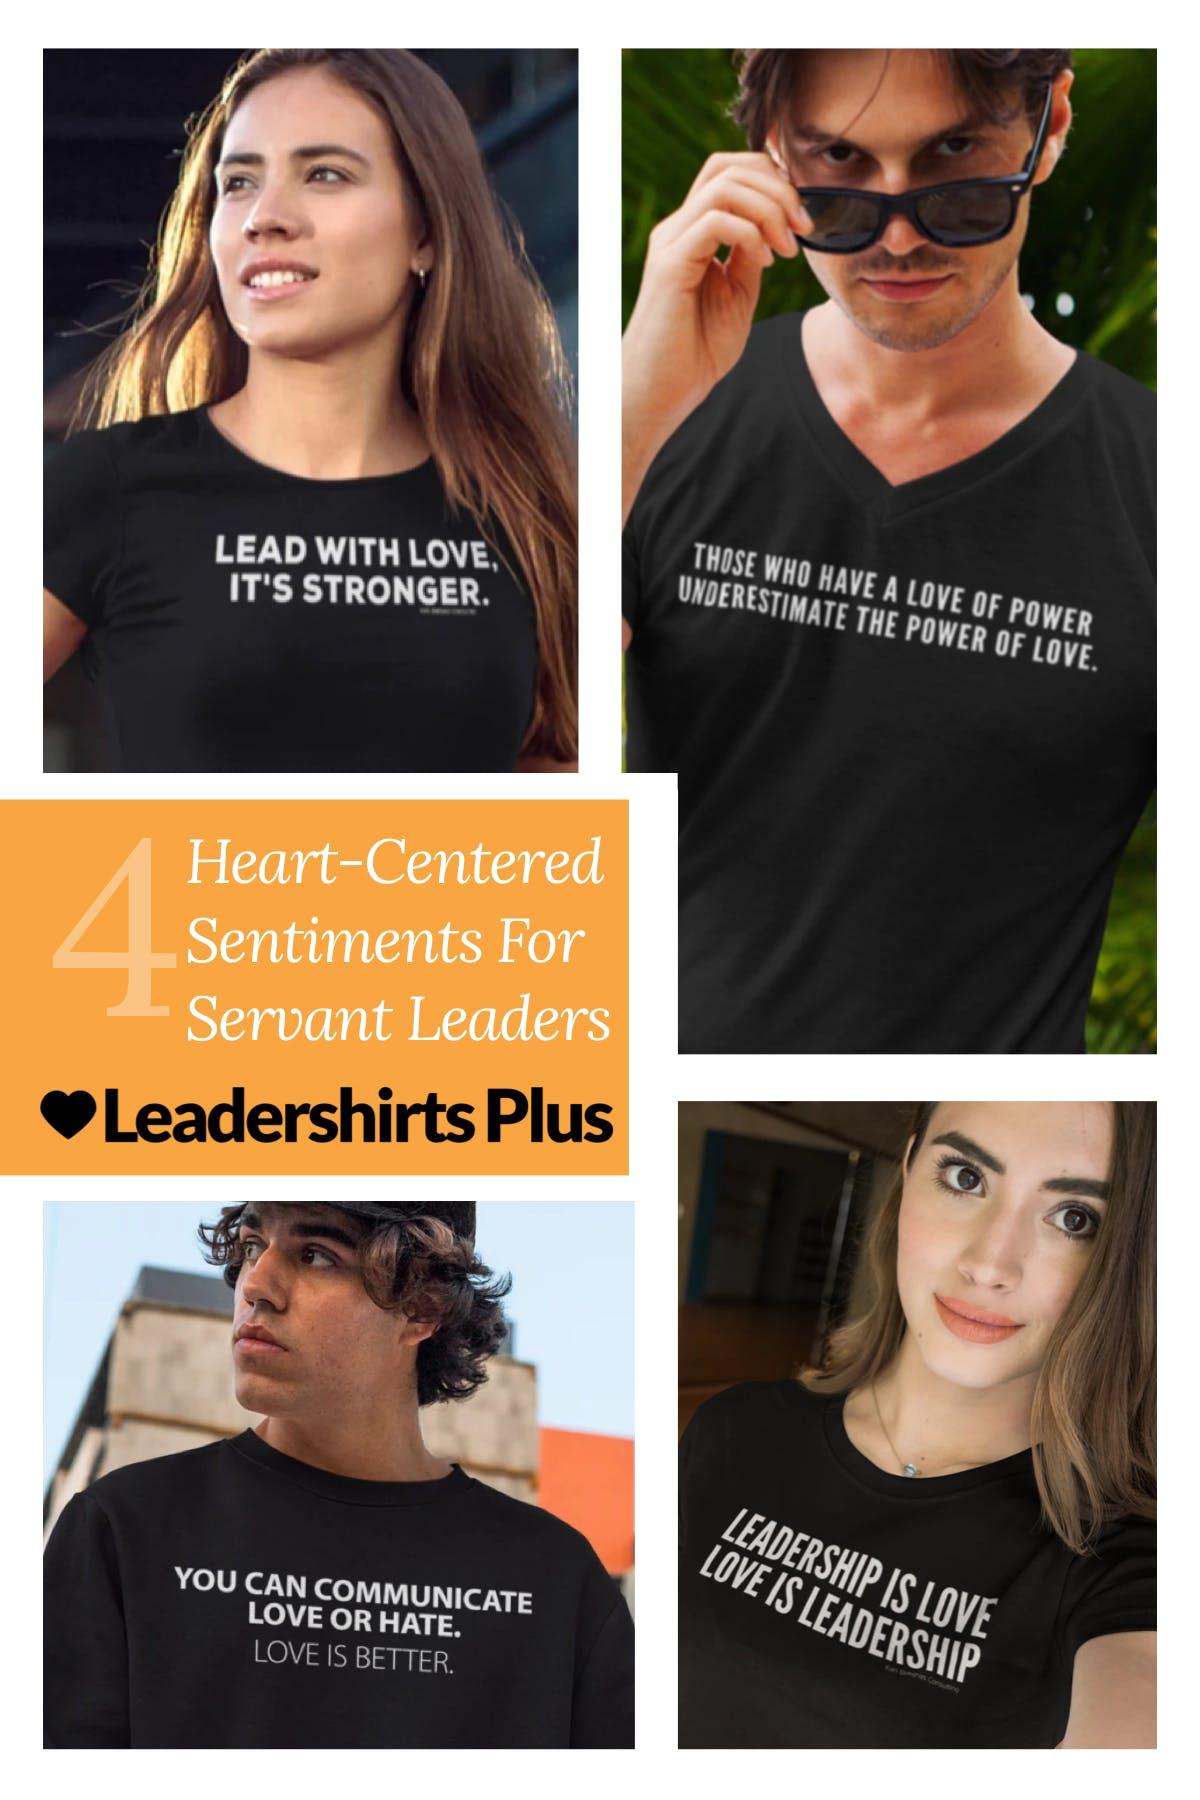 Leadershirts Plus